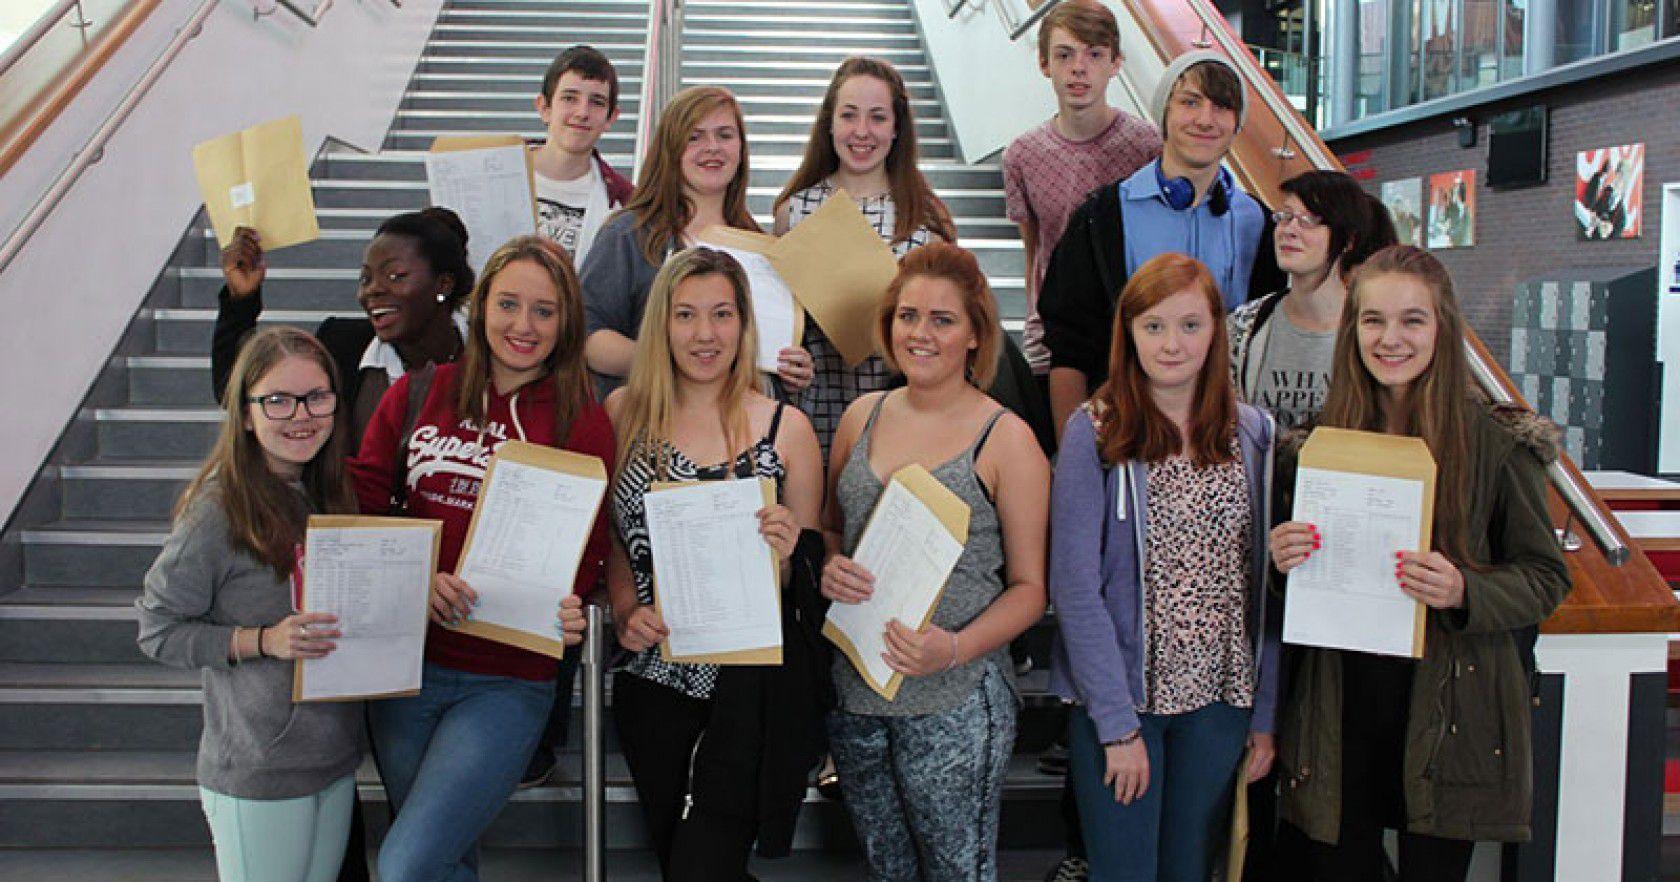 İngiltere Devlet Bakanlığı Lise Eğitim Programları Hakkında Merak Edilen Her Şey